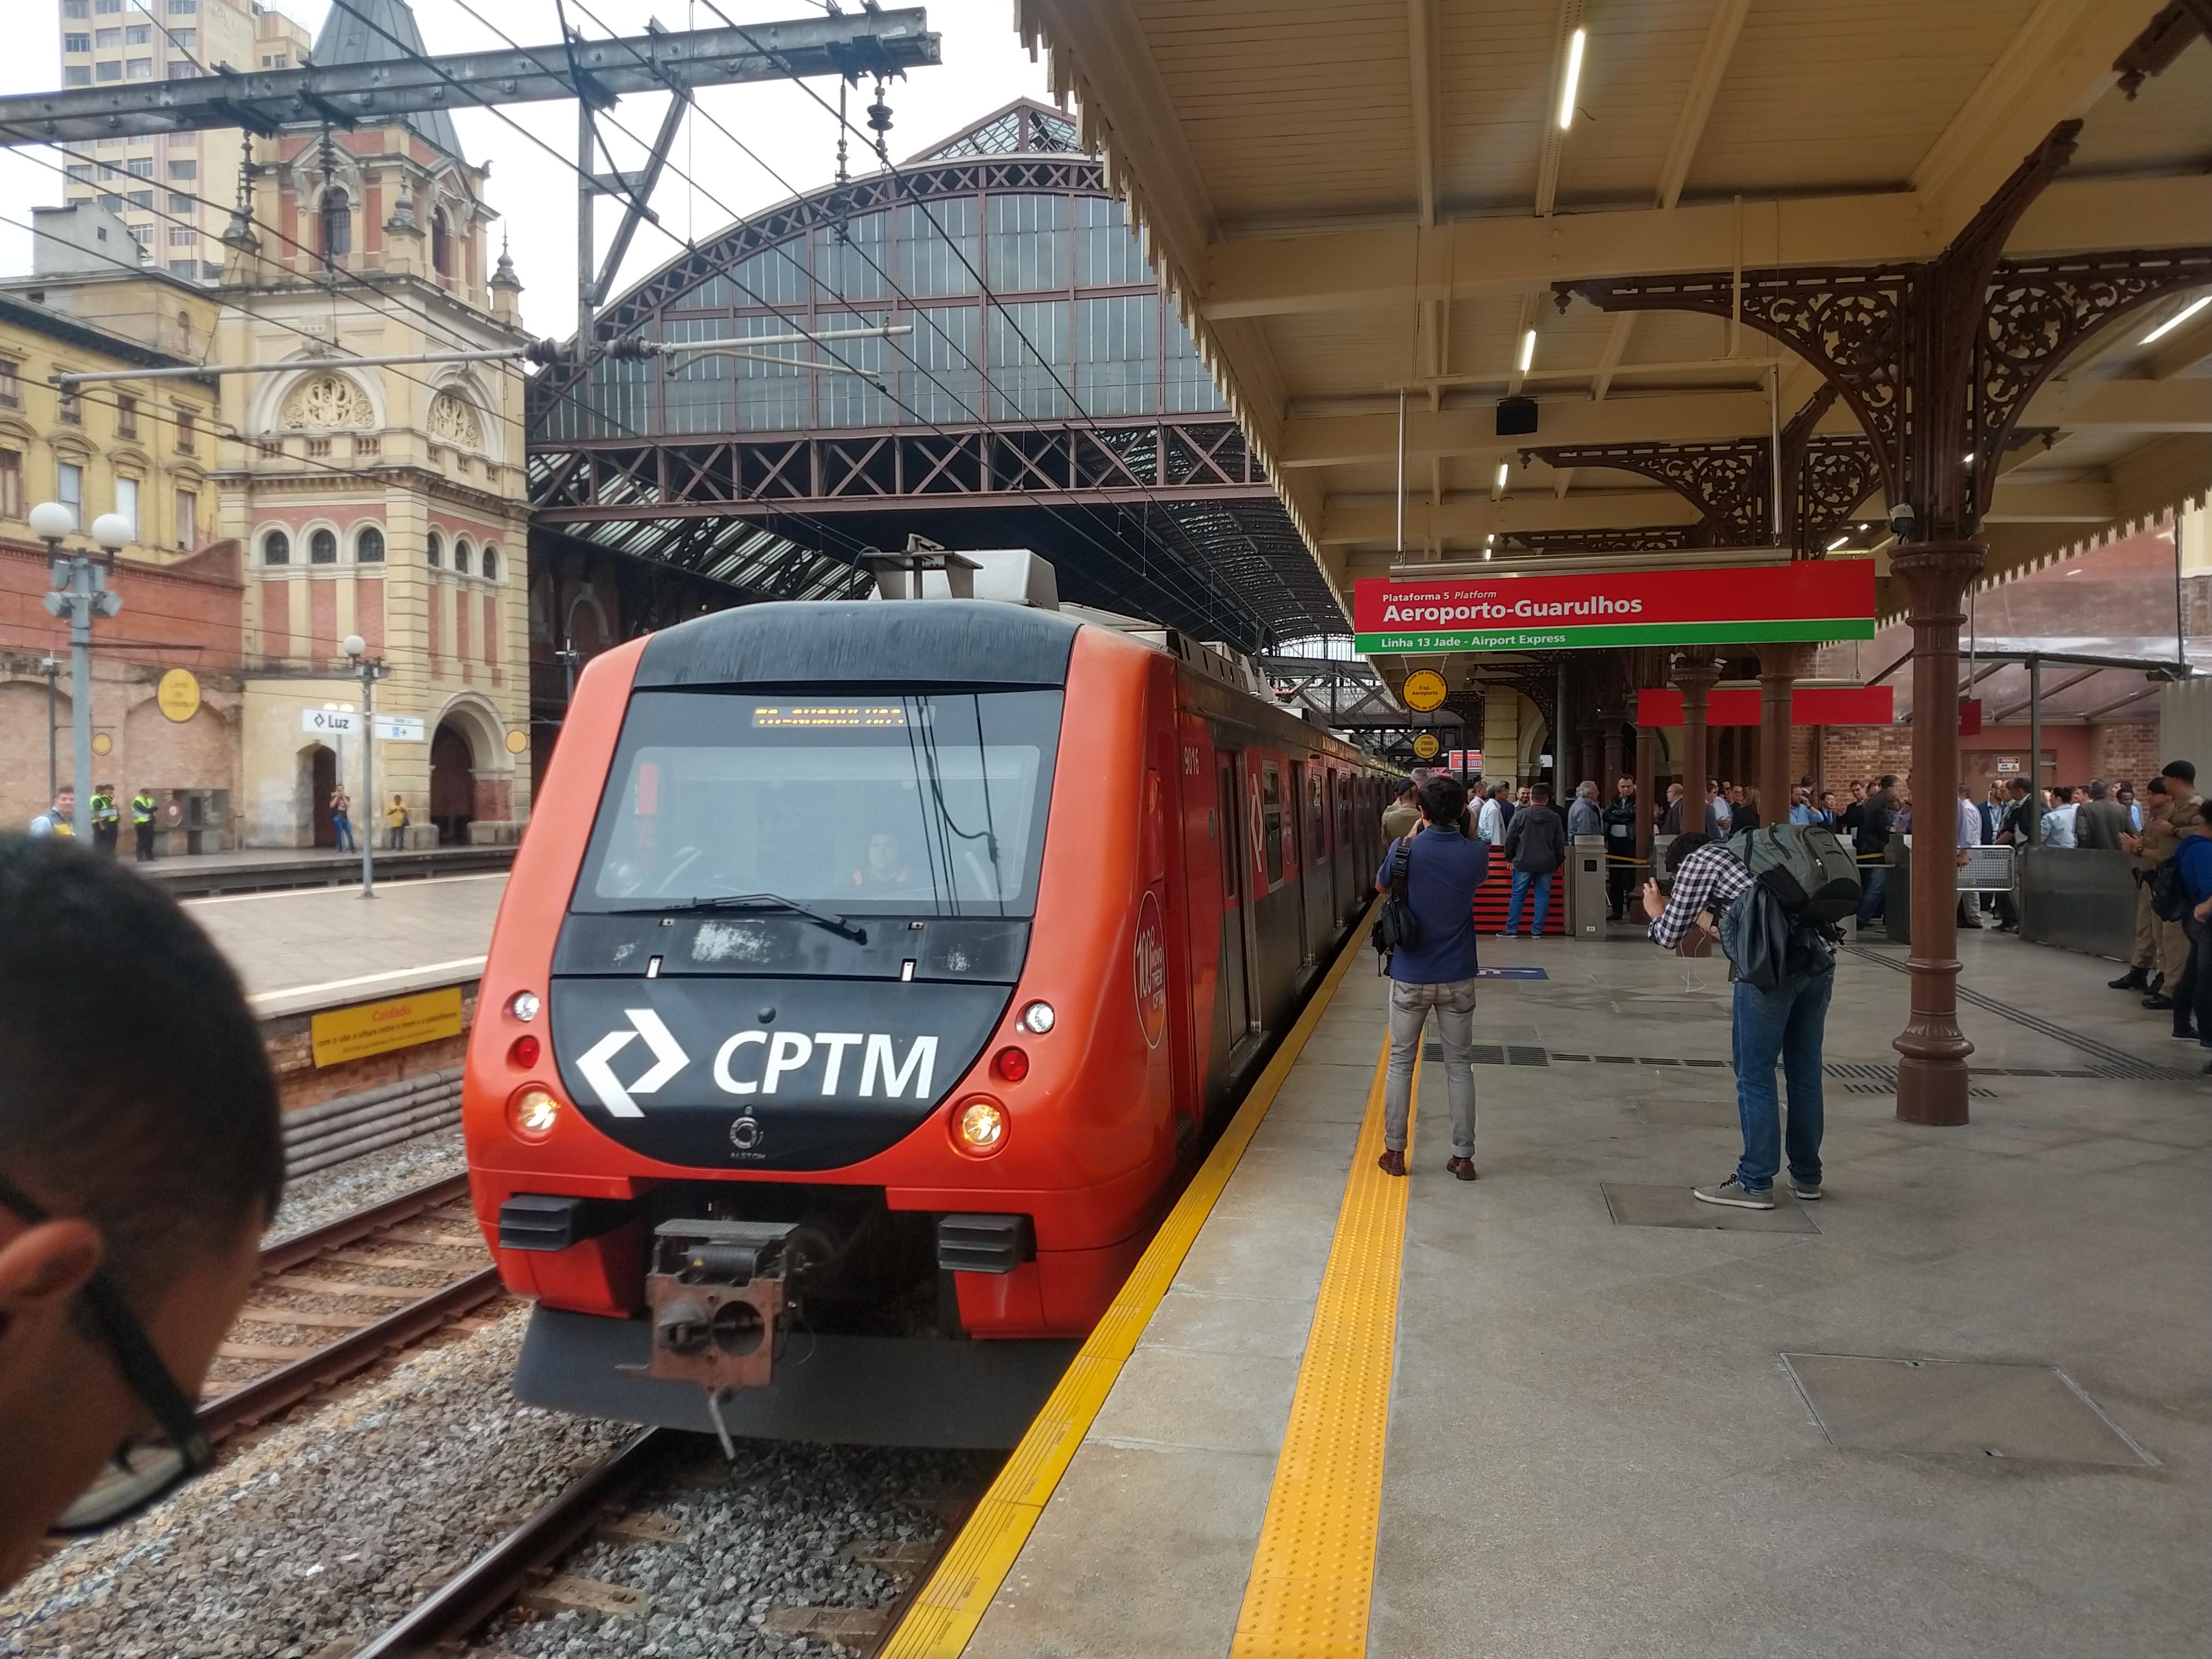 Plataforma do serviço Airport Express, entre a Luz e o Aeroporto de Guarulhos | Foto: Renato Lobo